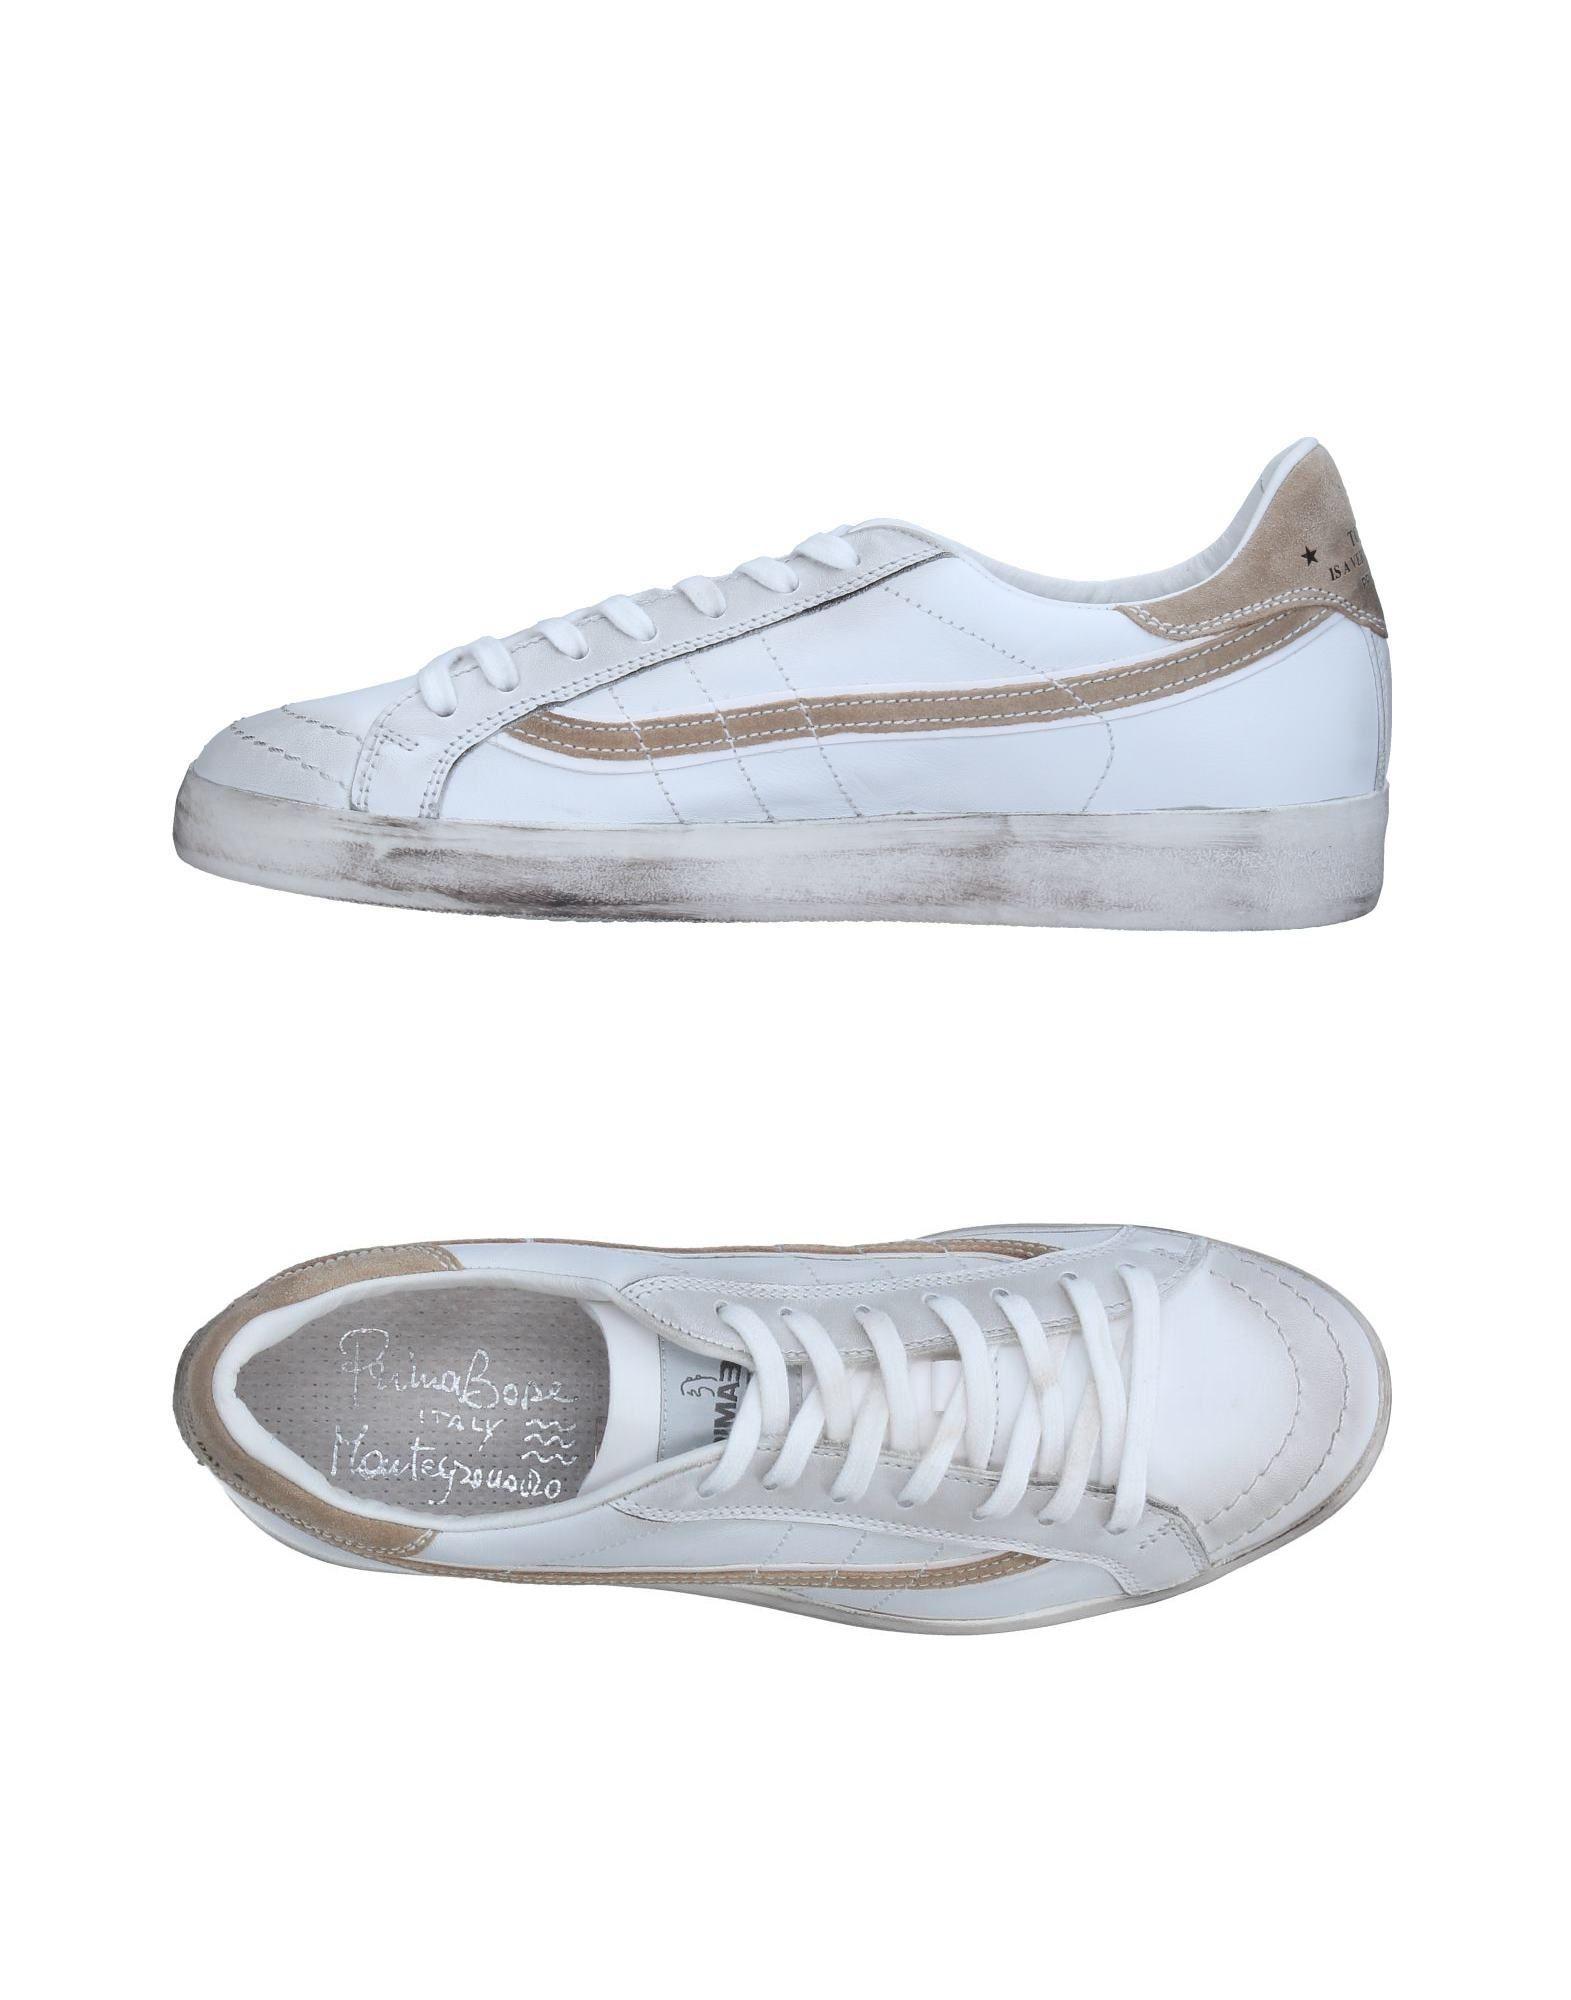 Rabatt Herren echte Schuhe Primabase Sneakers Herren Rabatt  11332945KU 195225